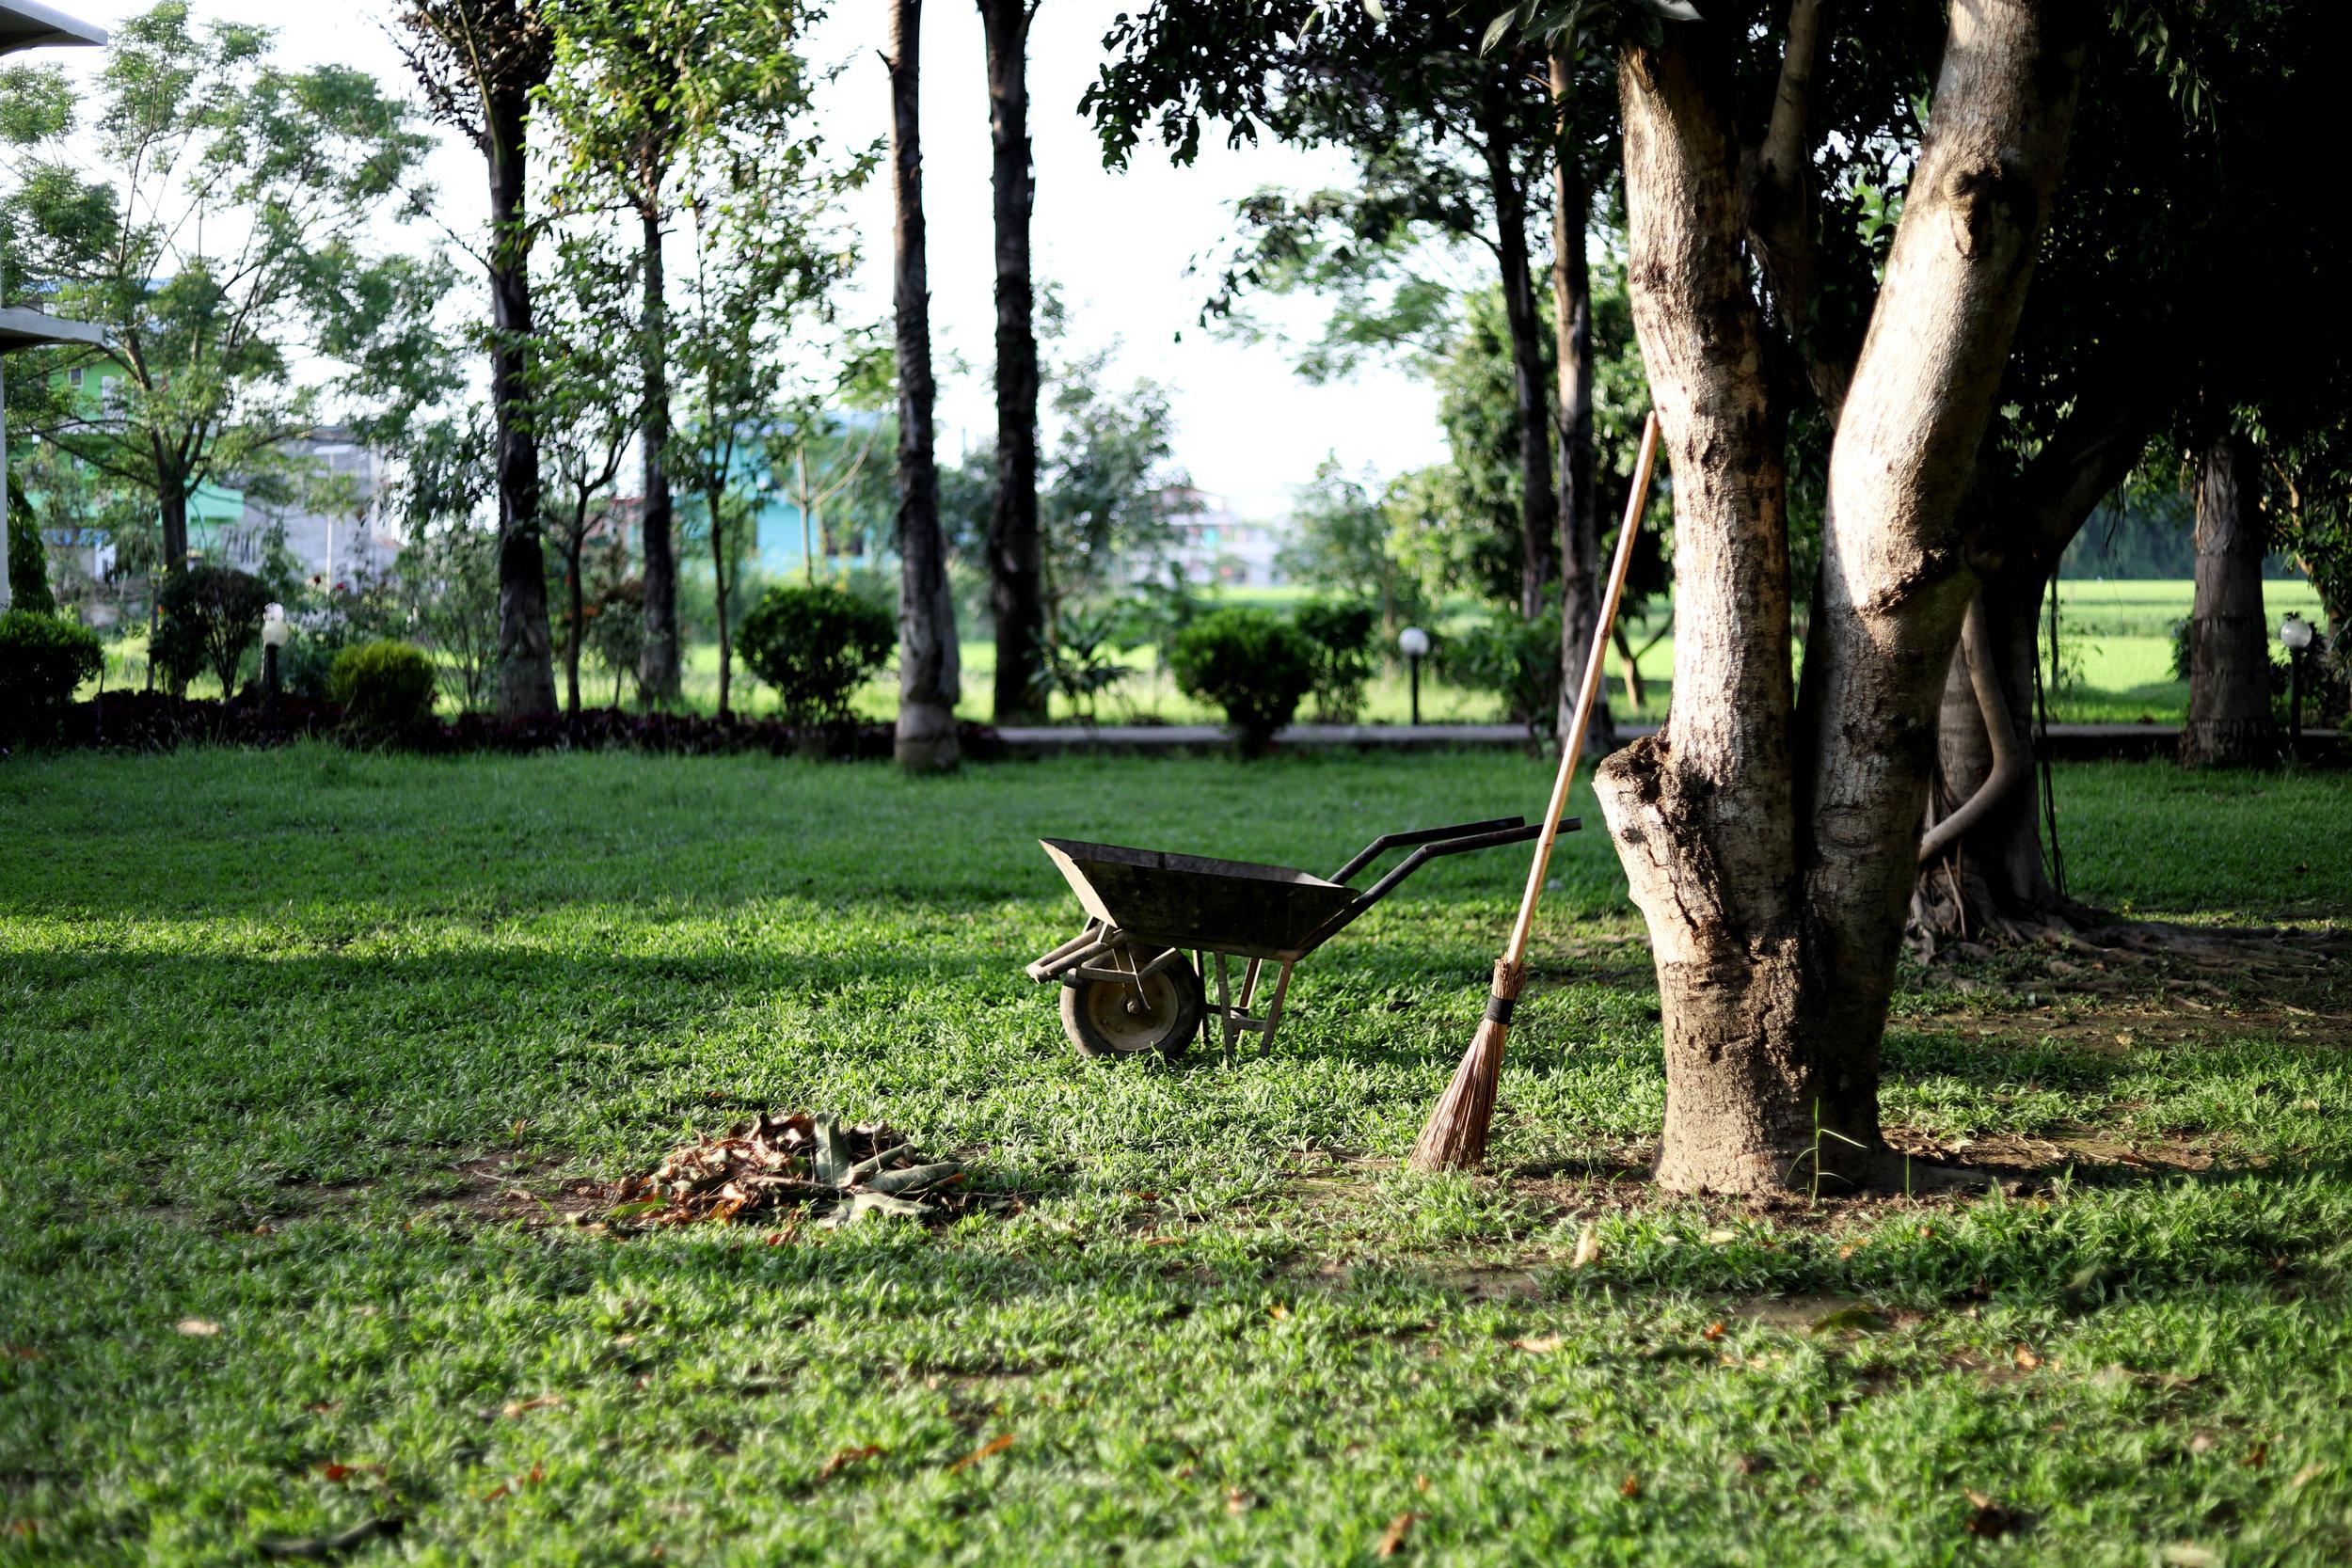 GÄRTNER/INPerfekter Job für Senioren! - Ab Ende April /Anfang Mai suchen wir eine Hilfe mit grünem Daumenund Lust auf die Ernte für unseren wunderschönen Garten. Wir bieten kein Bargeld, sondern eine andere spannende Entlöhnung…Gerne erwarten wir Ihren Anruf 031/869 01 13oder e–mail unter info@moospinte.chWir freuen uns auf Sie!